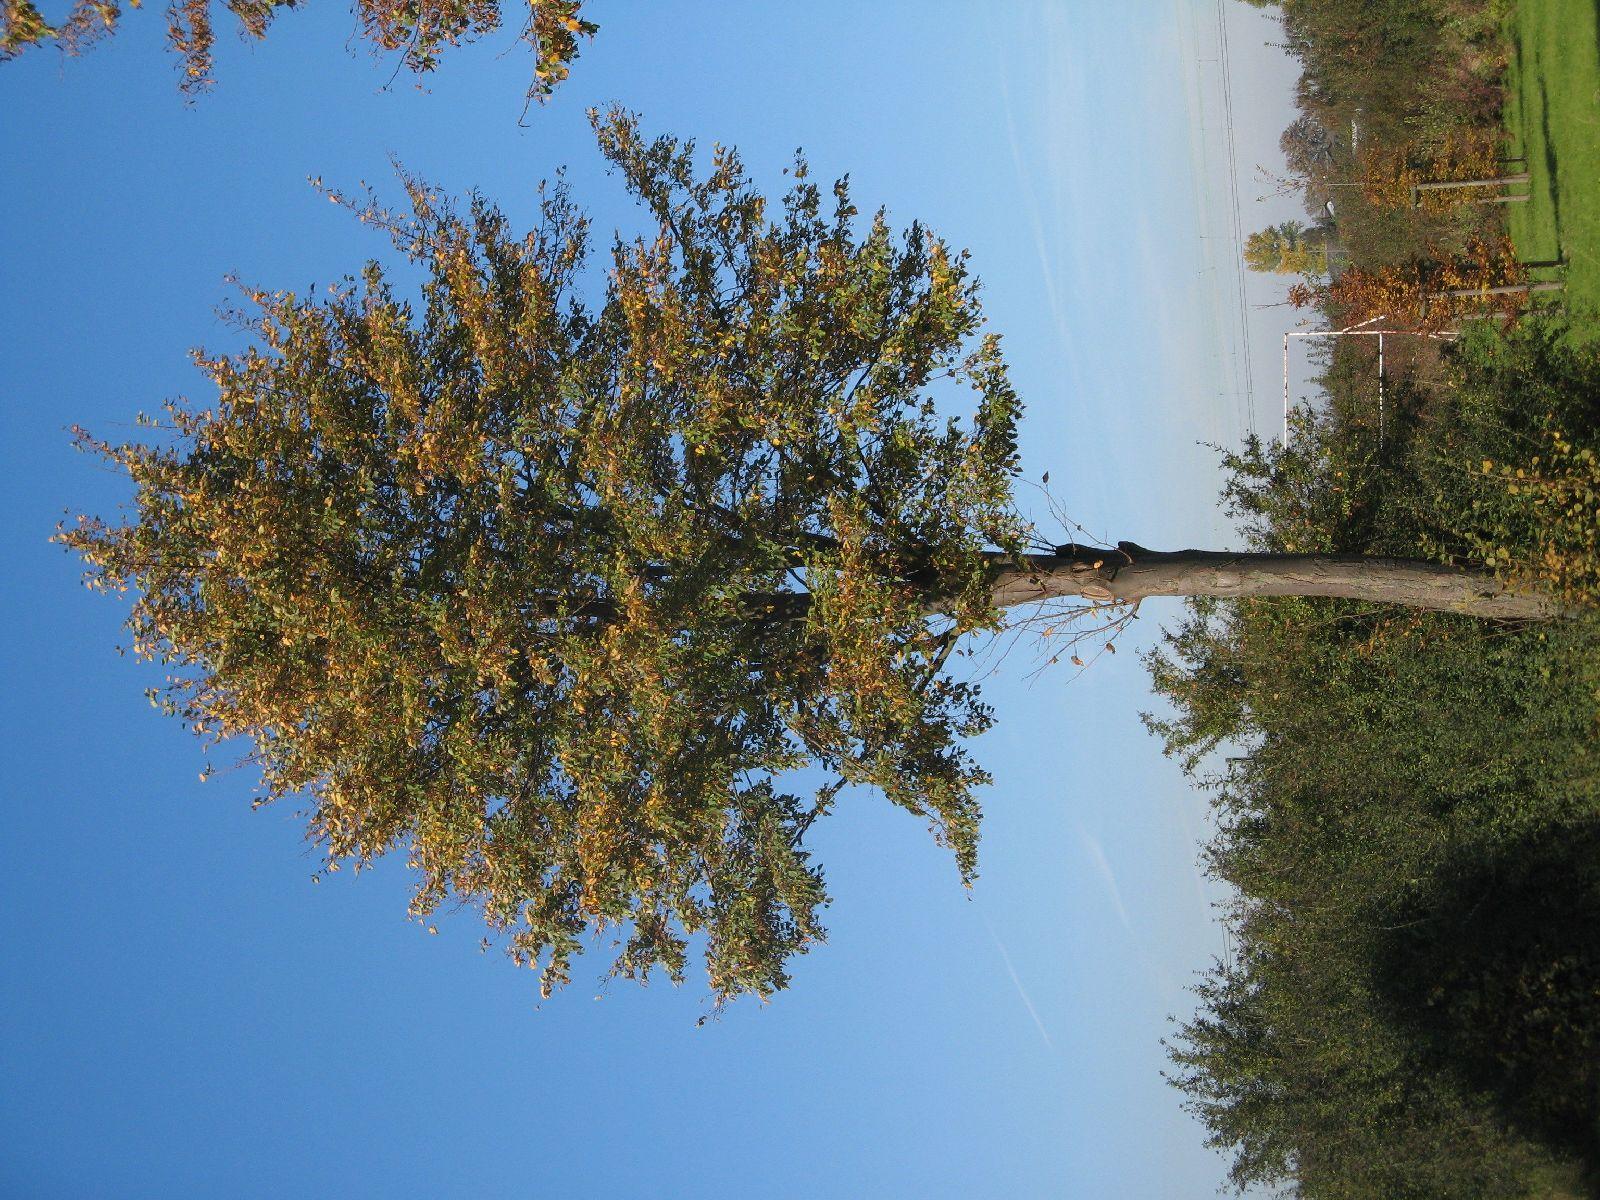 Pflanzen-Baum-Foto_Textur_B_3731